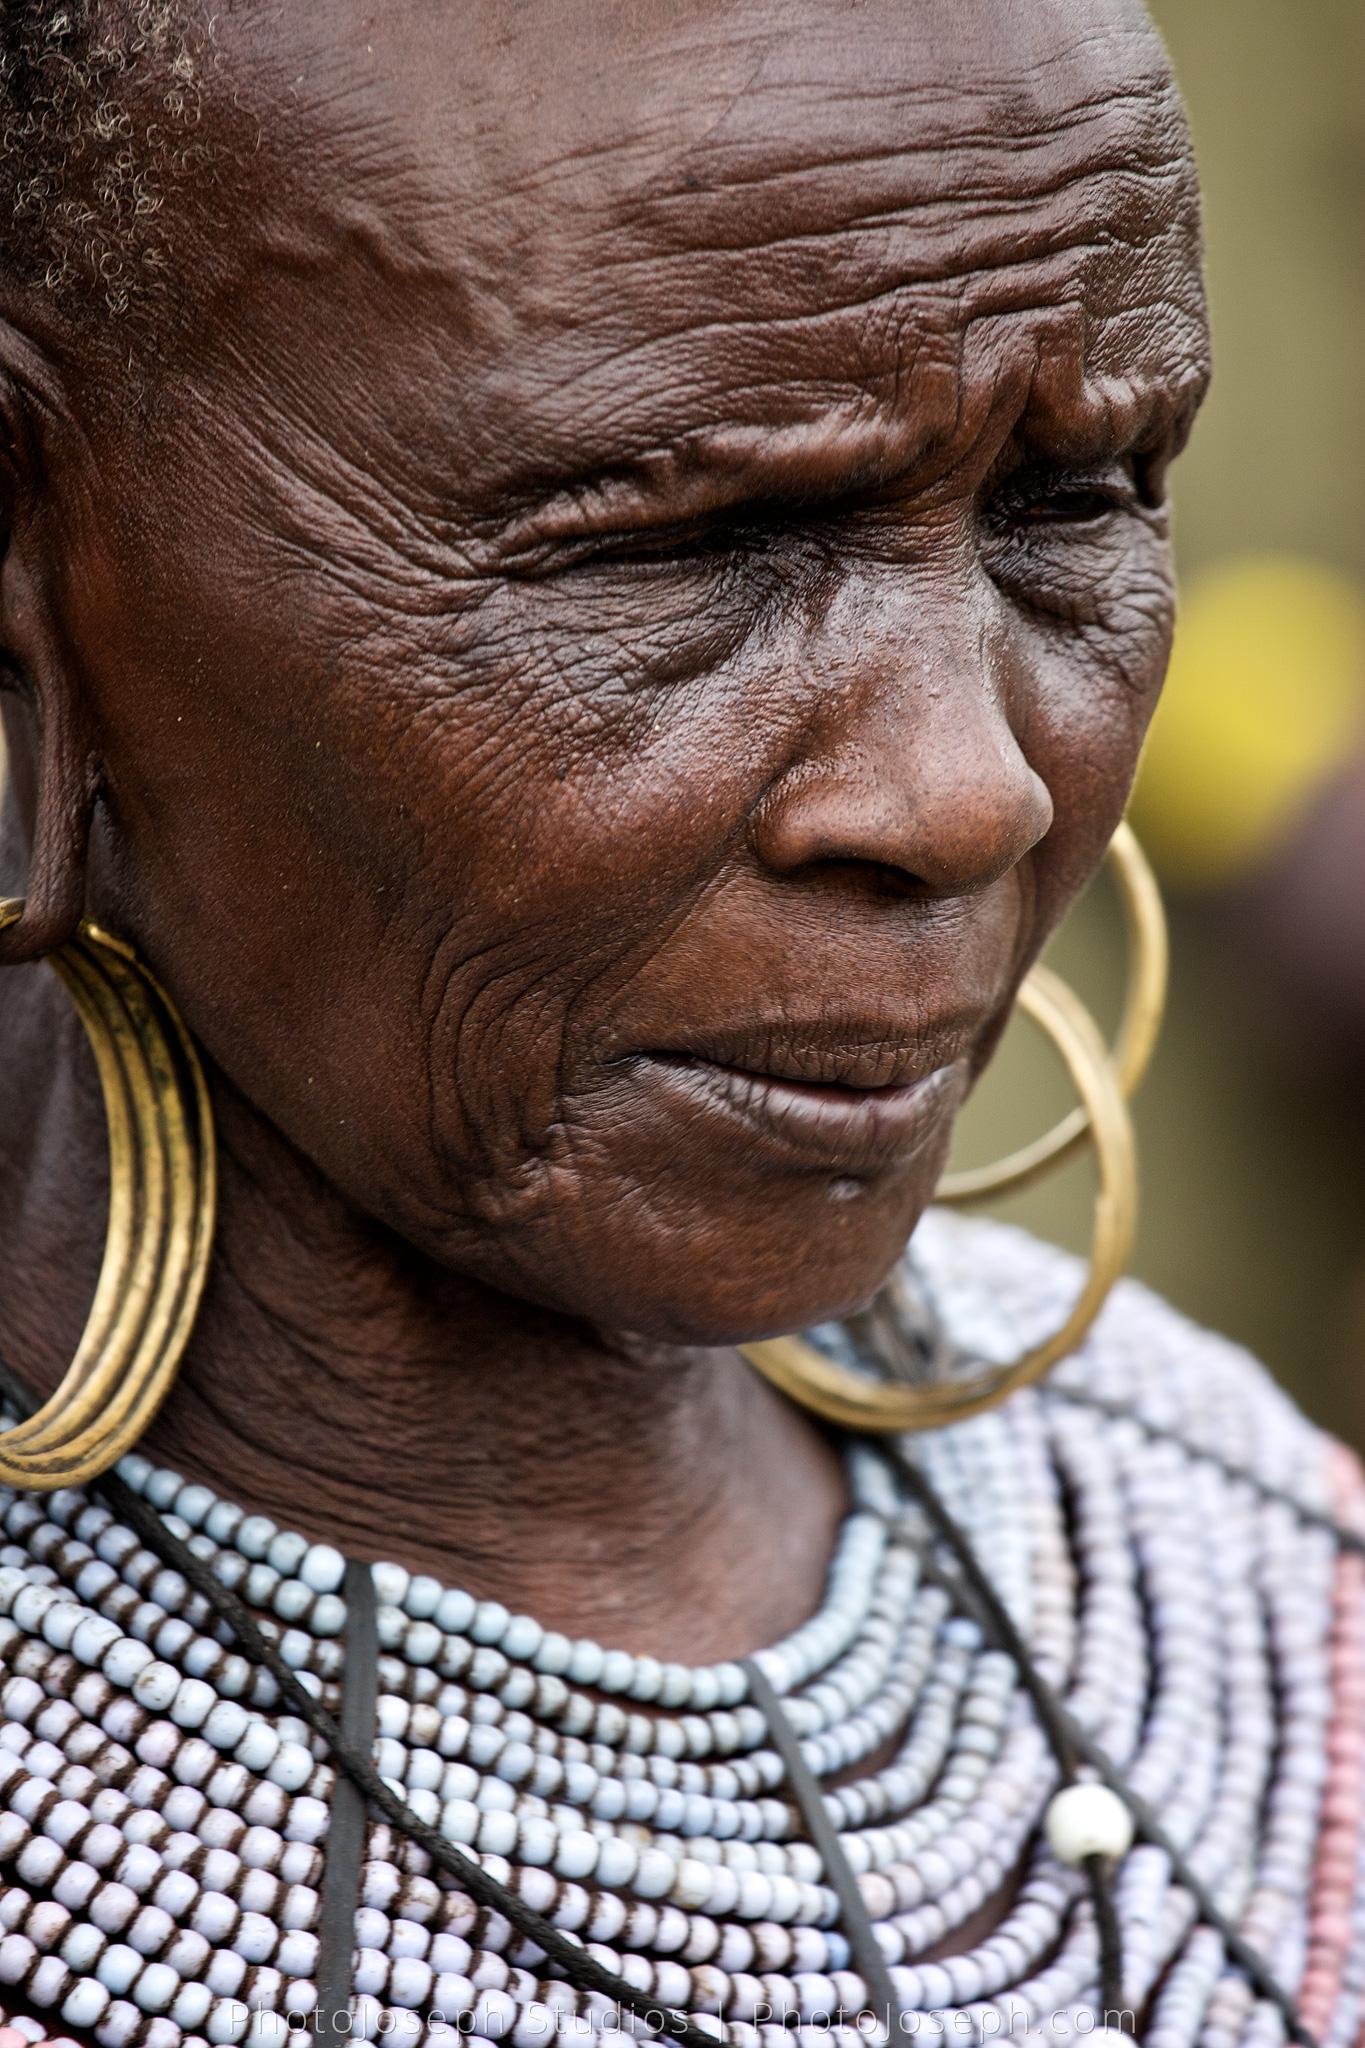 Elder of the Pokot